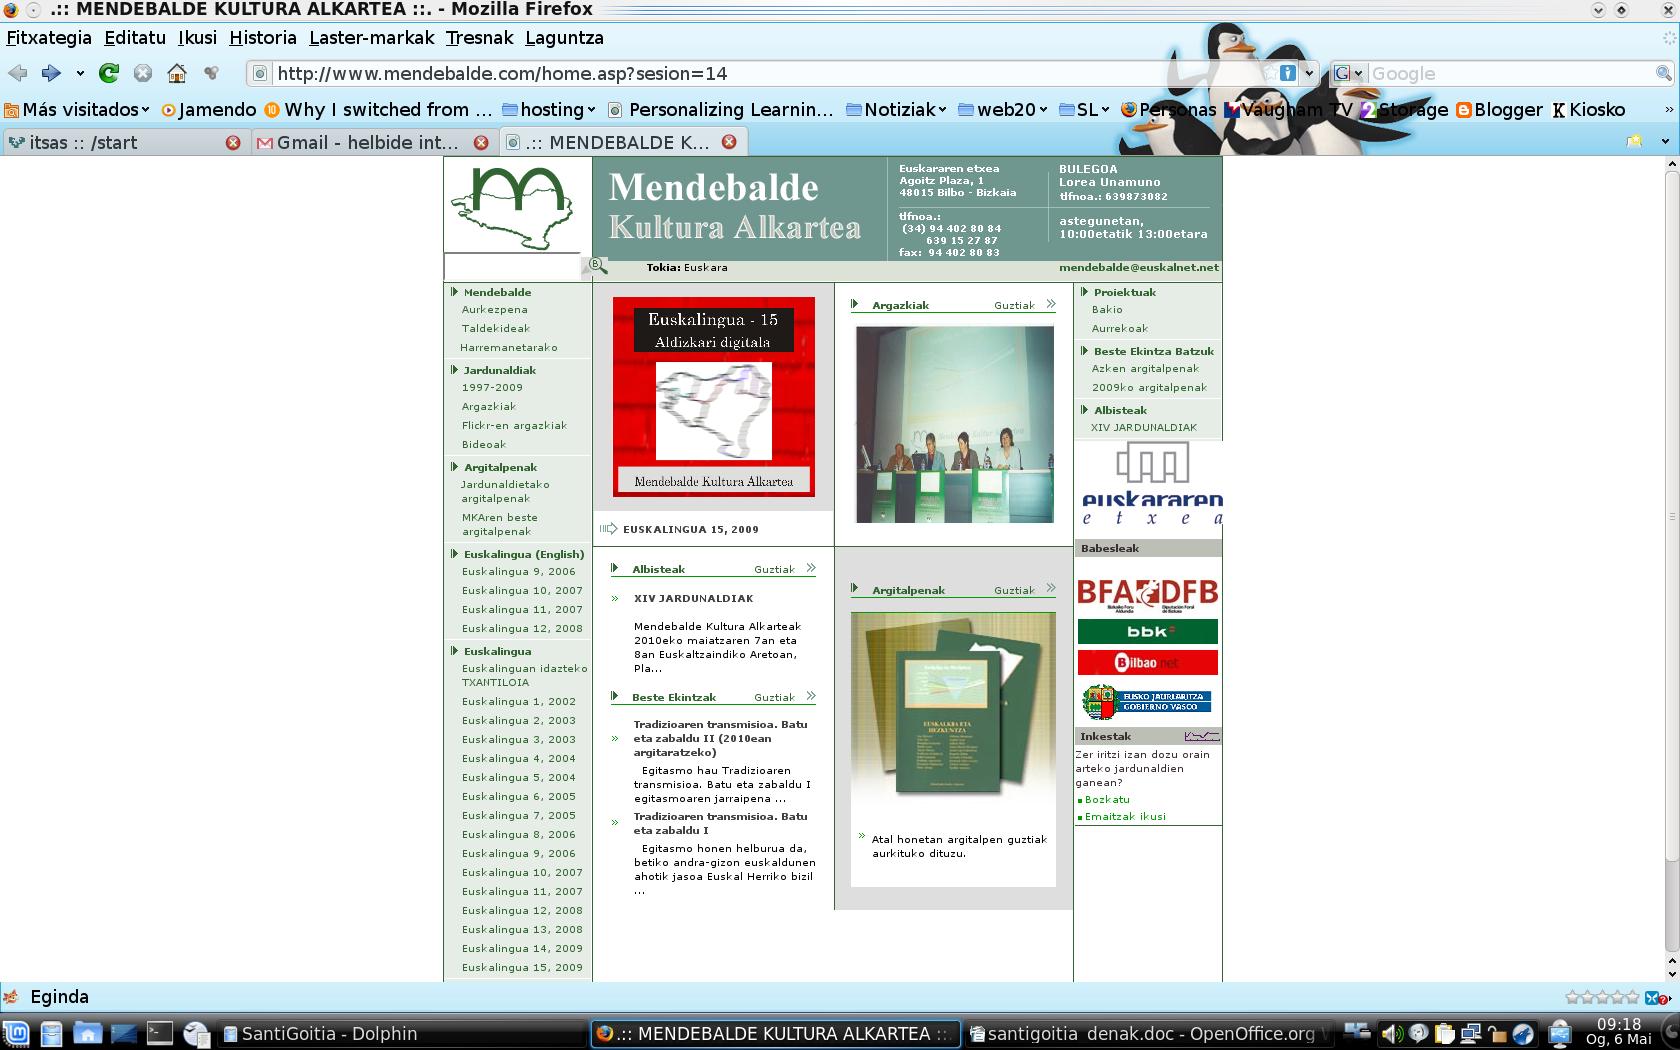 Mendebalde.com